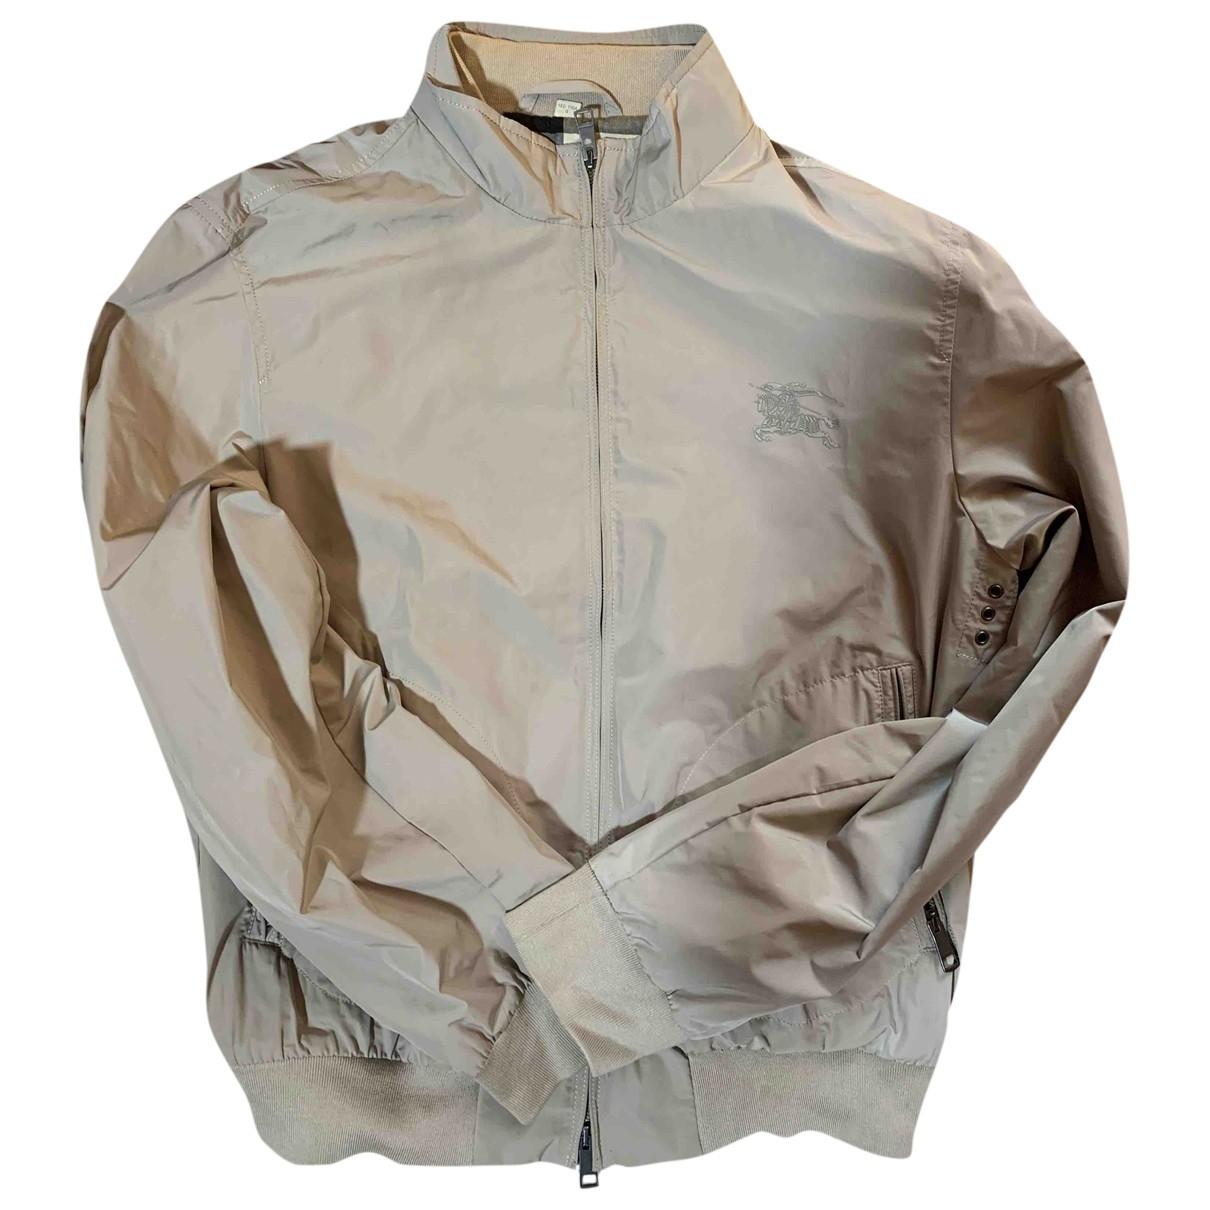 Burberry \N Beige jacket  for Men L International